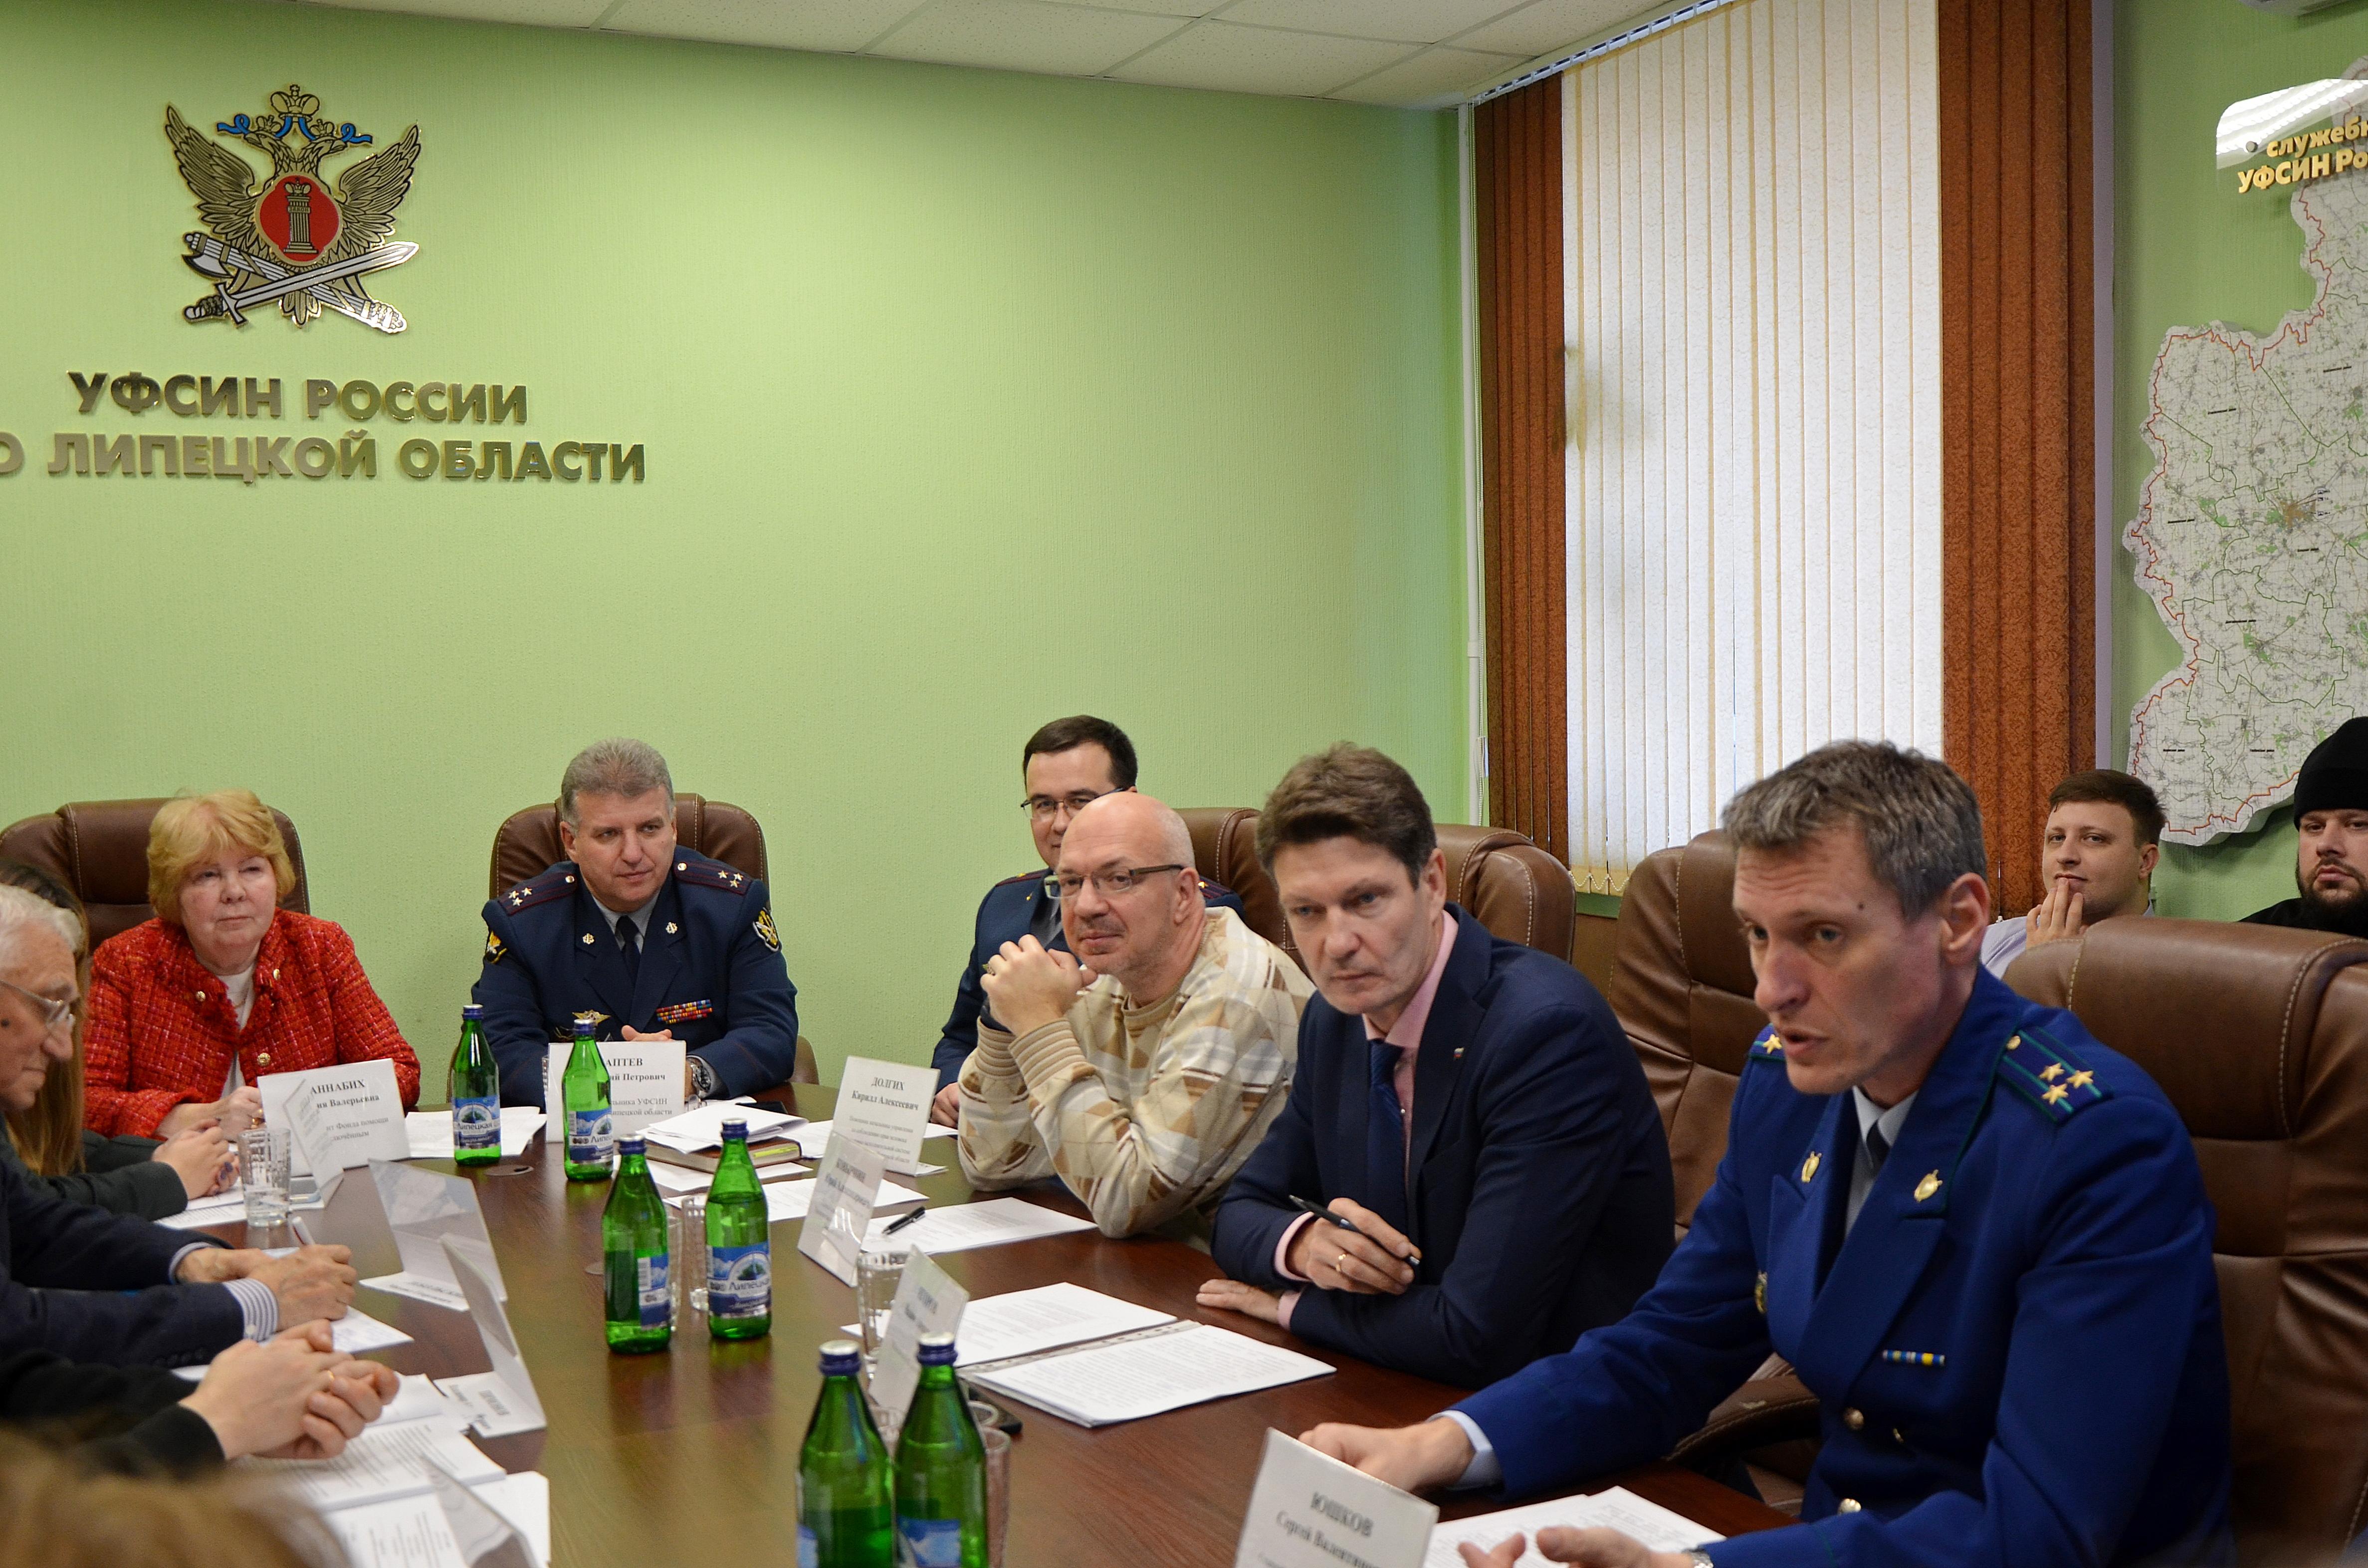 В ходе заседания круглого стола обсуждались вопросы создания реабилитационного центра для освободившихся осужденных, а также их постпенитенциарная адаптация